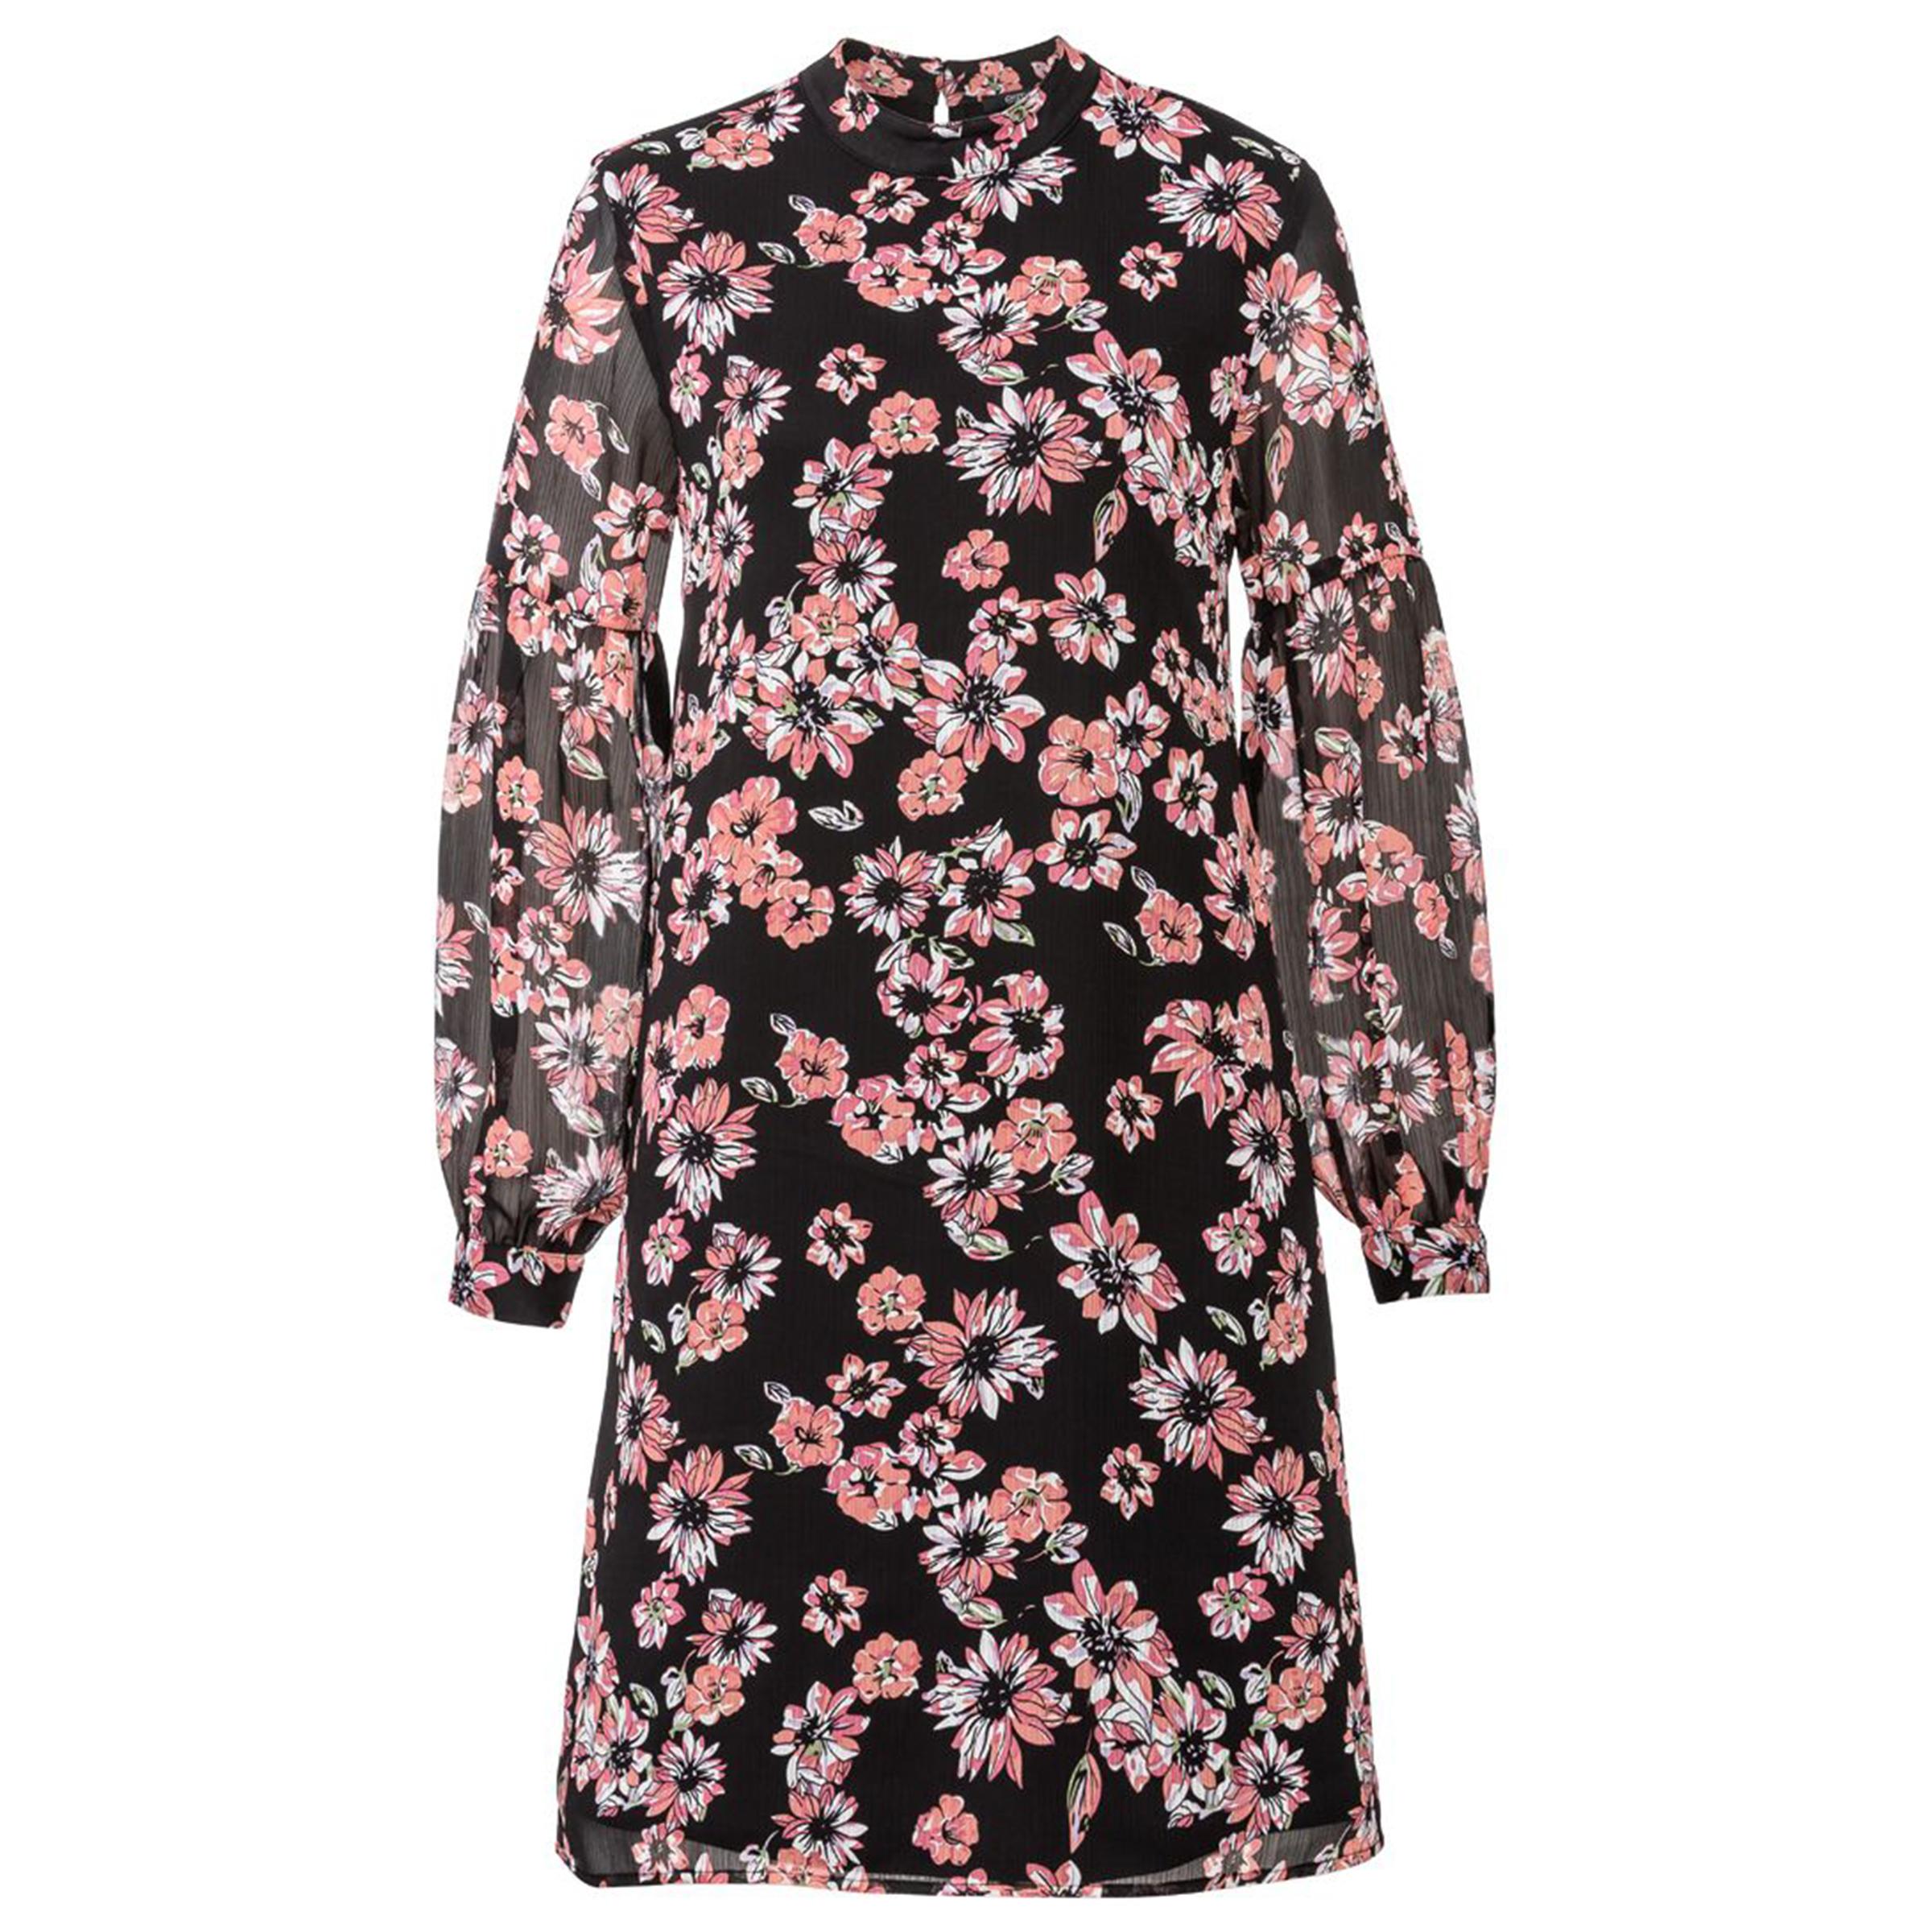 پیراهن زنانه اسمارا طرح شکوفه مدل SpringBLK